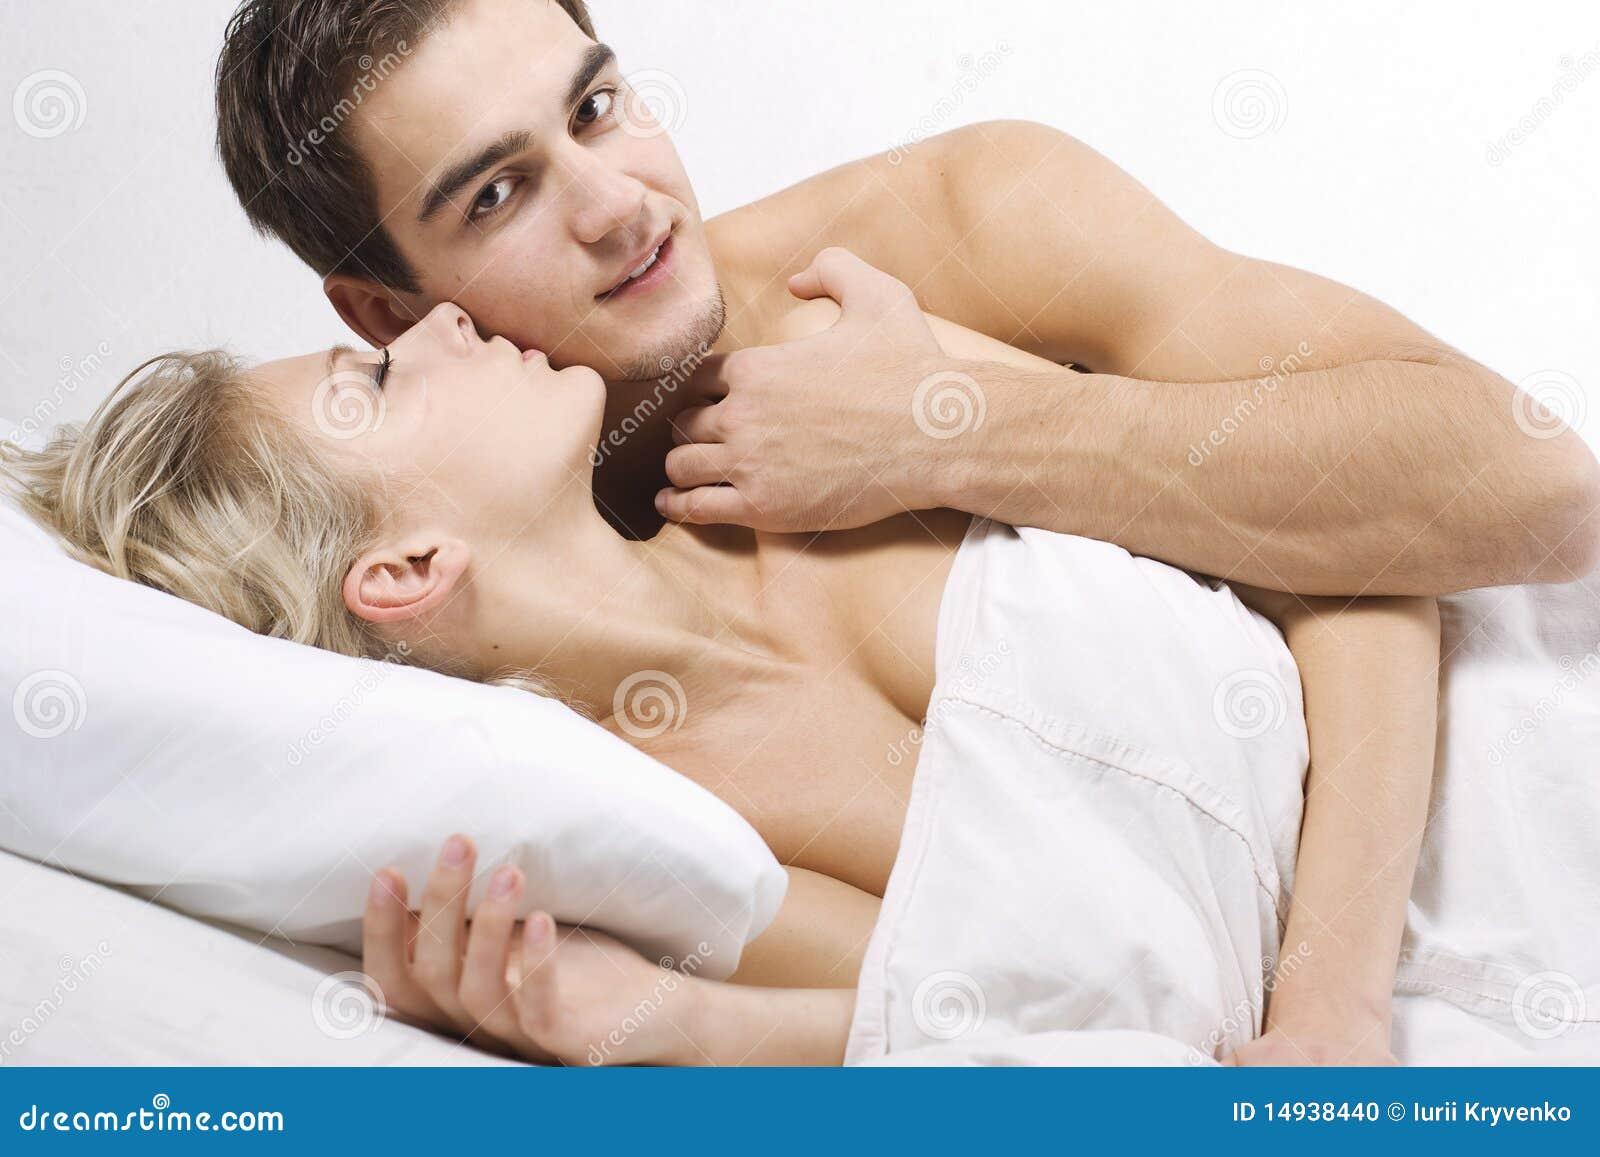 Hommes hétérosexuels nus gratuits